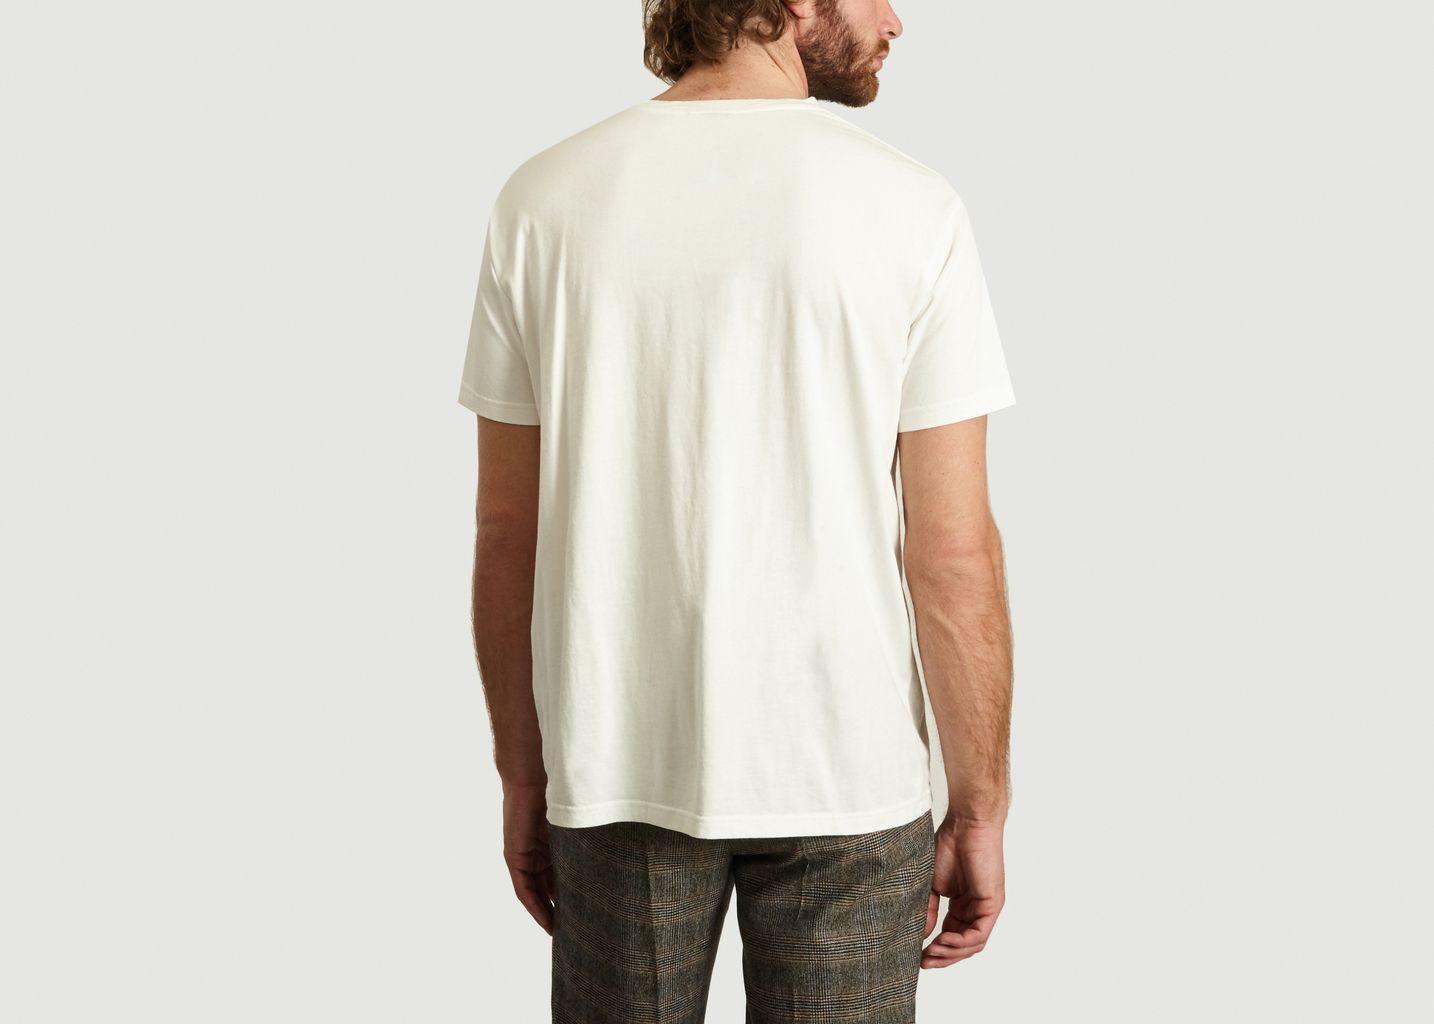 T-Shirt Oversize Paris Bande A Part - Editions M.R